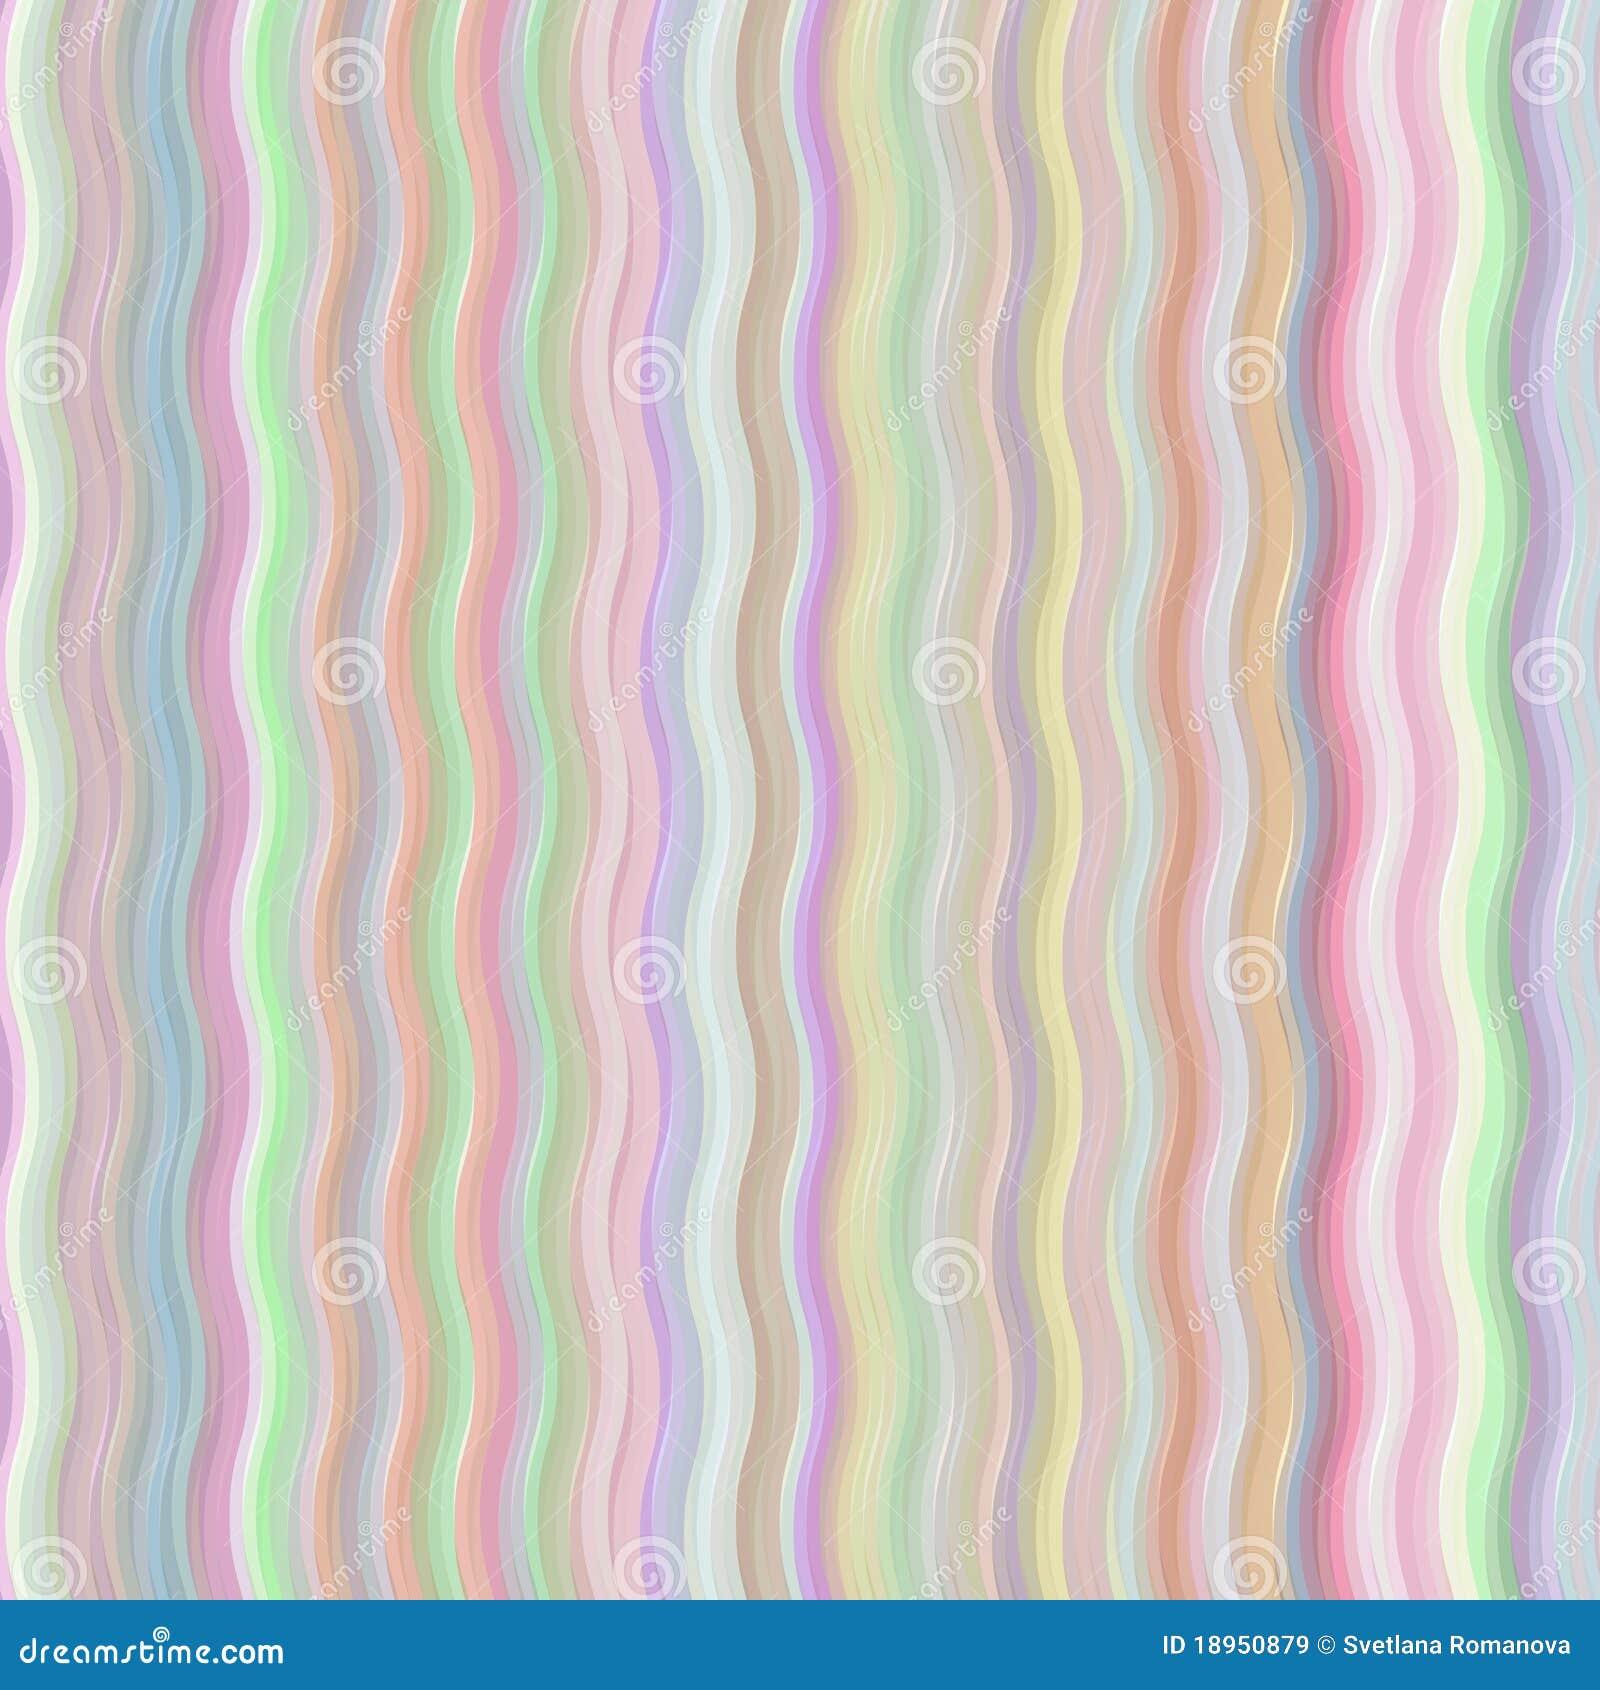 pattern royalty background patterns - photo #45